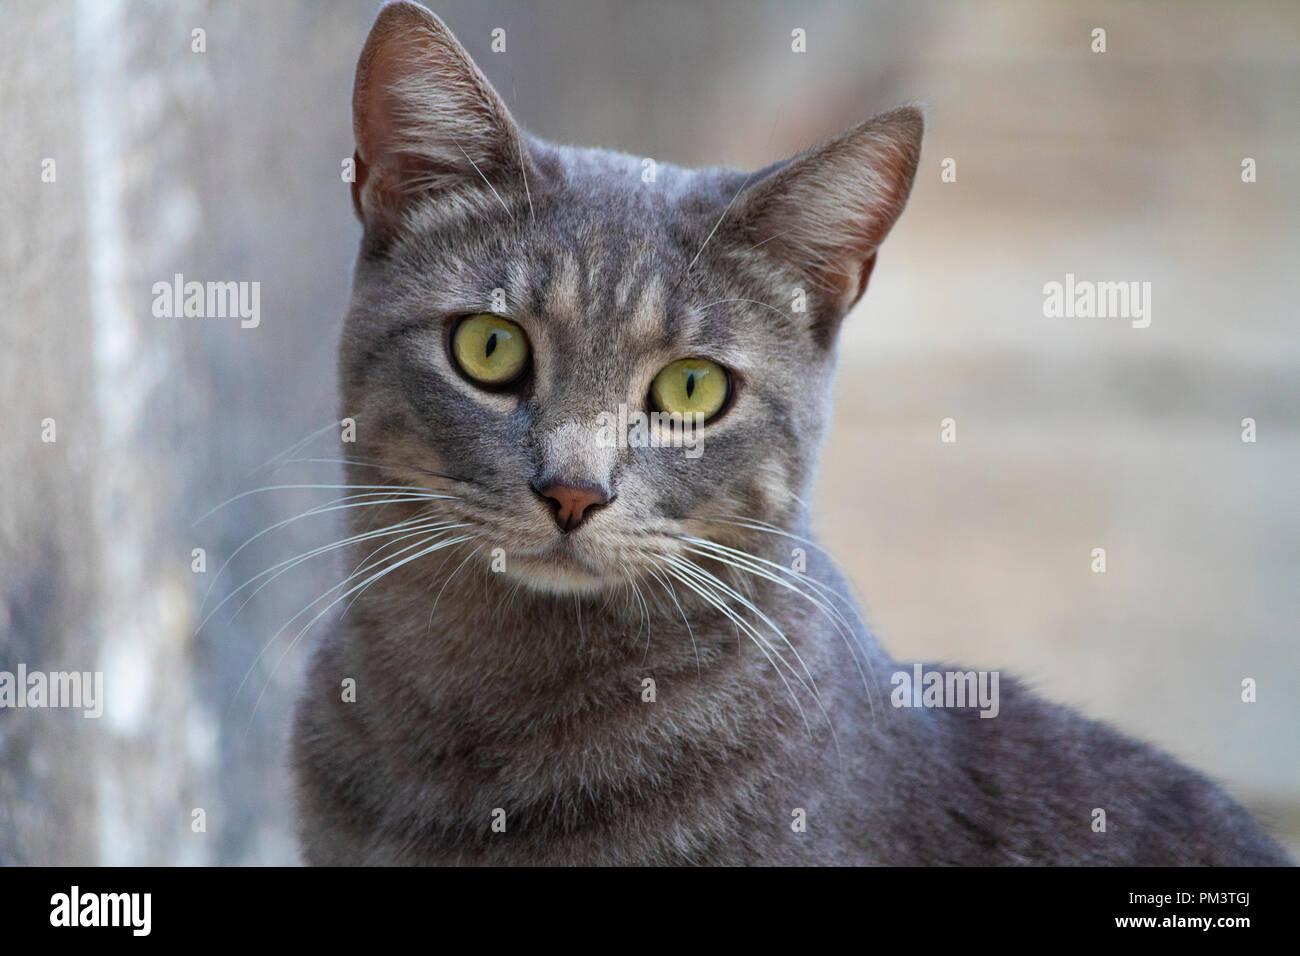 Awesome isolato simpatico gatto grigio ritratto su strada Foto Stock